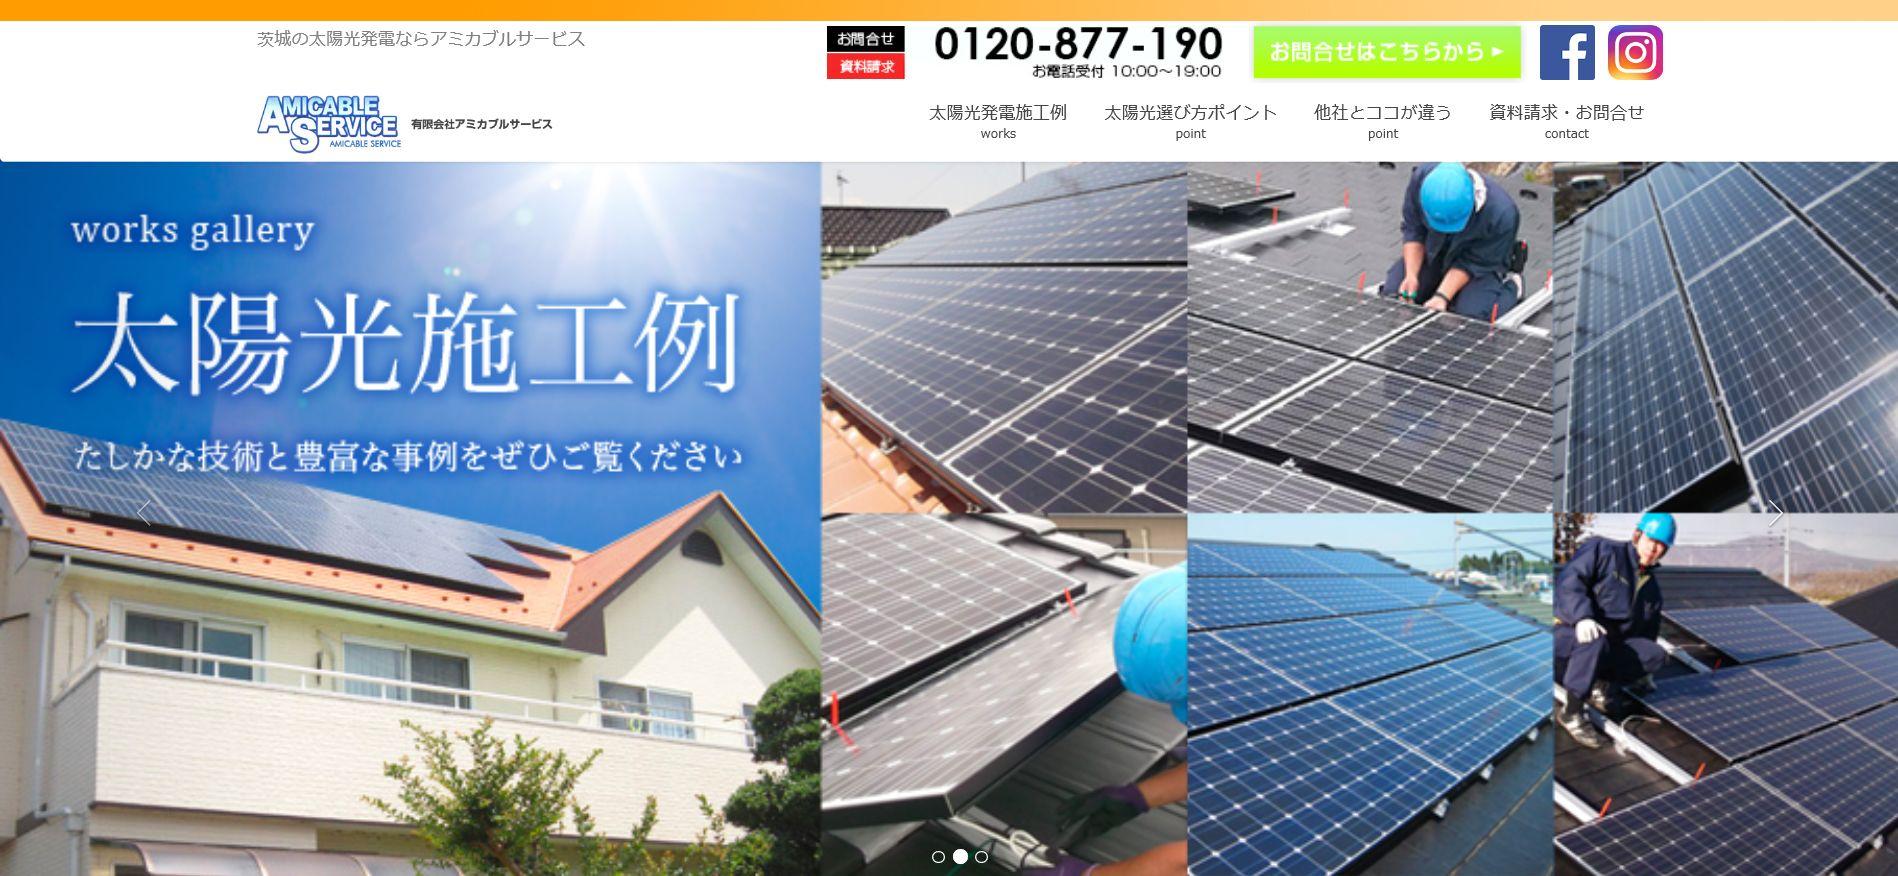 茨城の太陽光発電ならアミカブルサービス